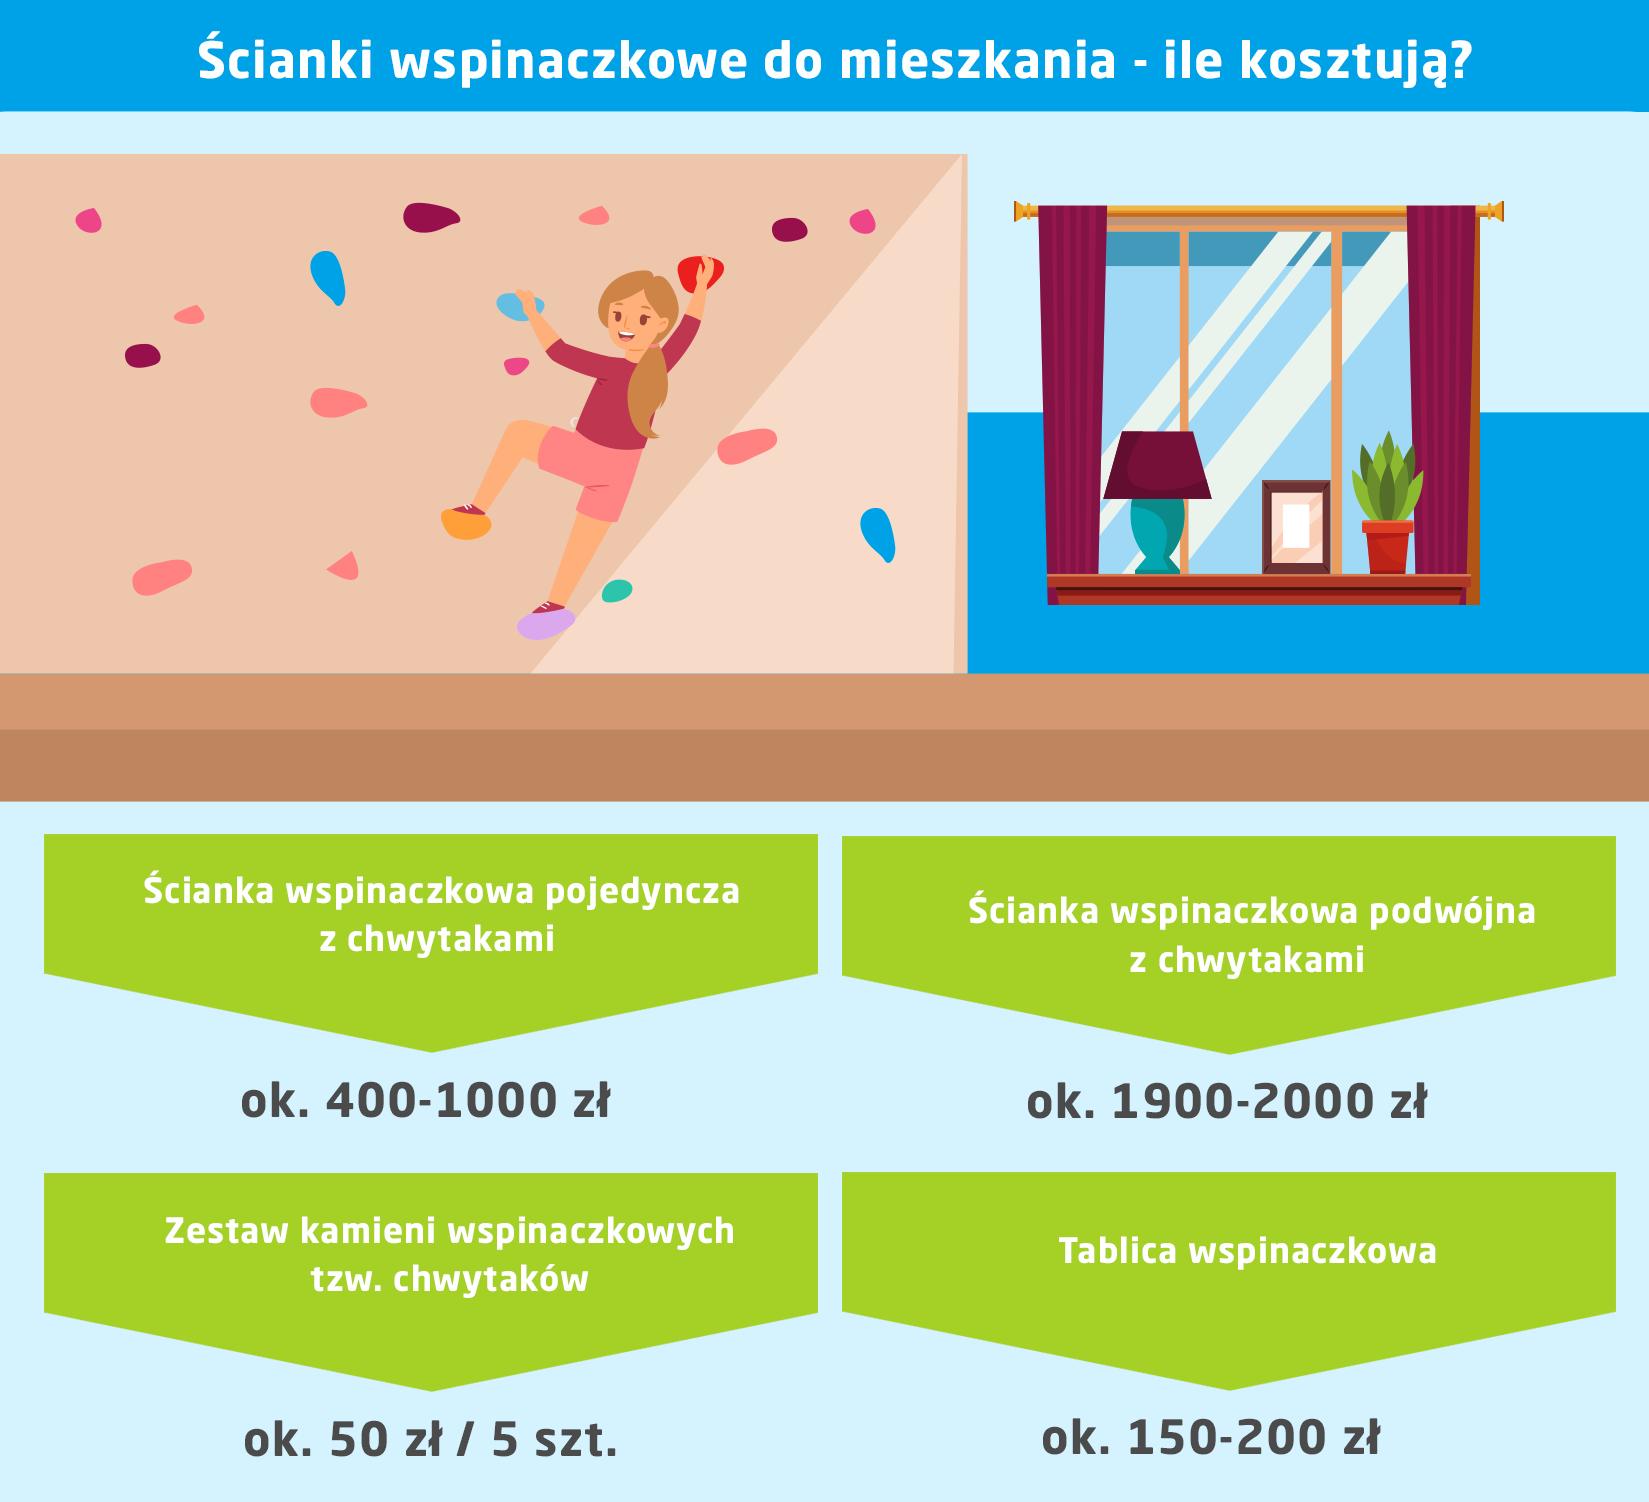 Domowy plac zabaw - ścianki wspinaczkowe do mieszkania - koszt